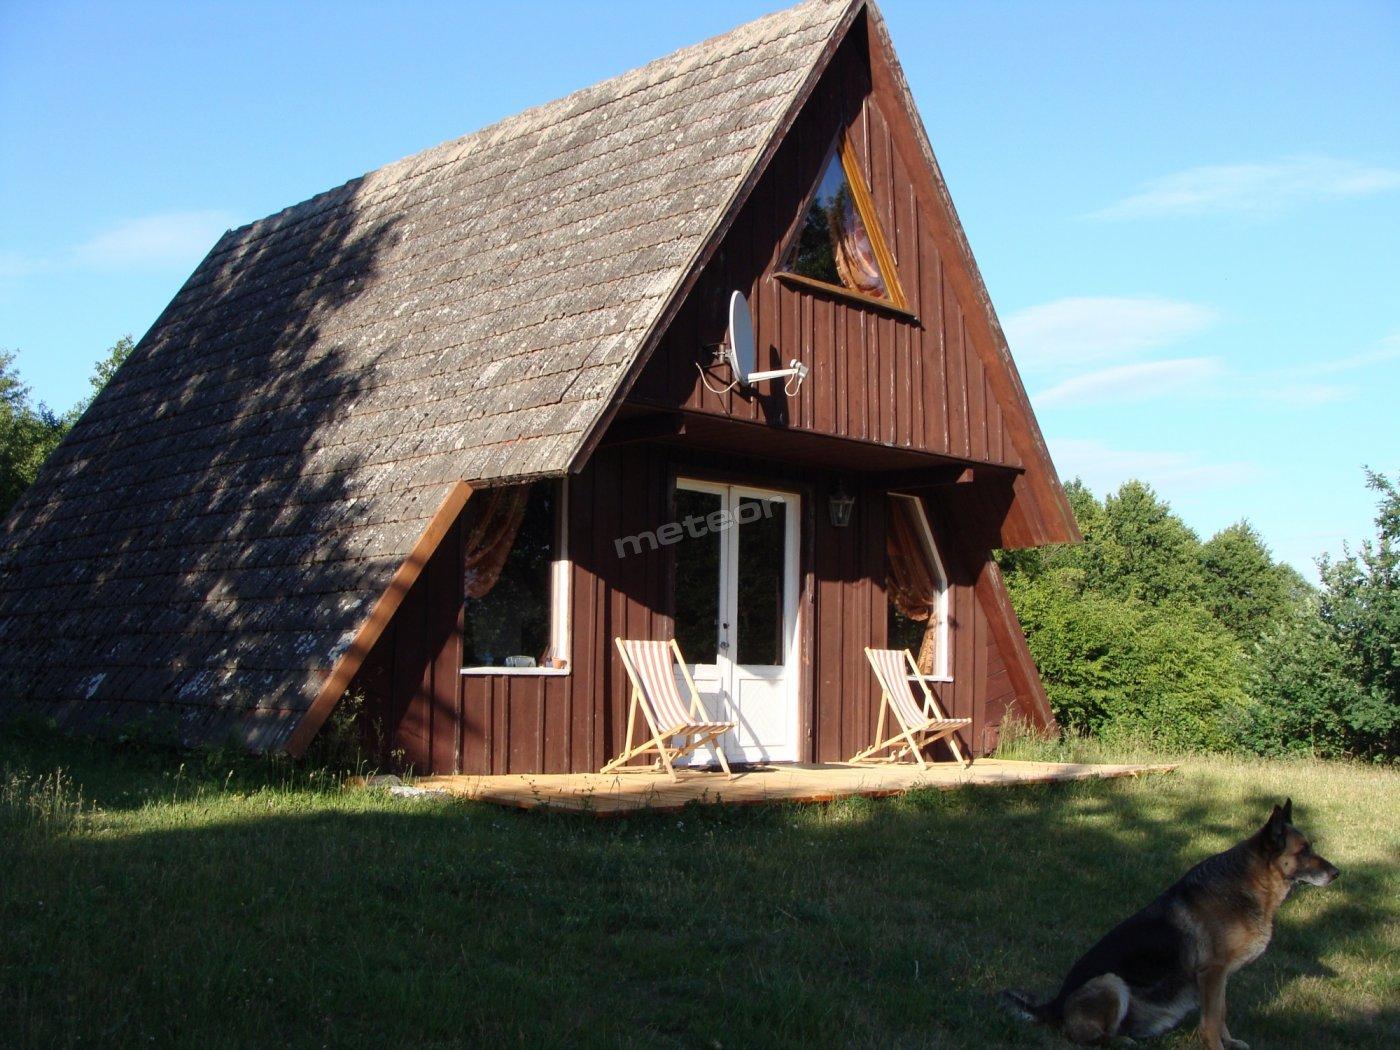 Domek drewniany na wzgórzu.